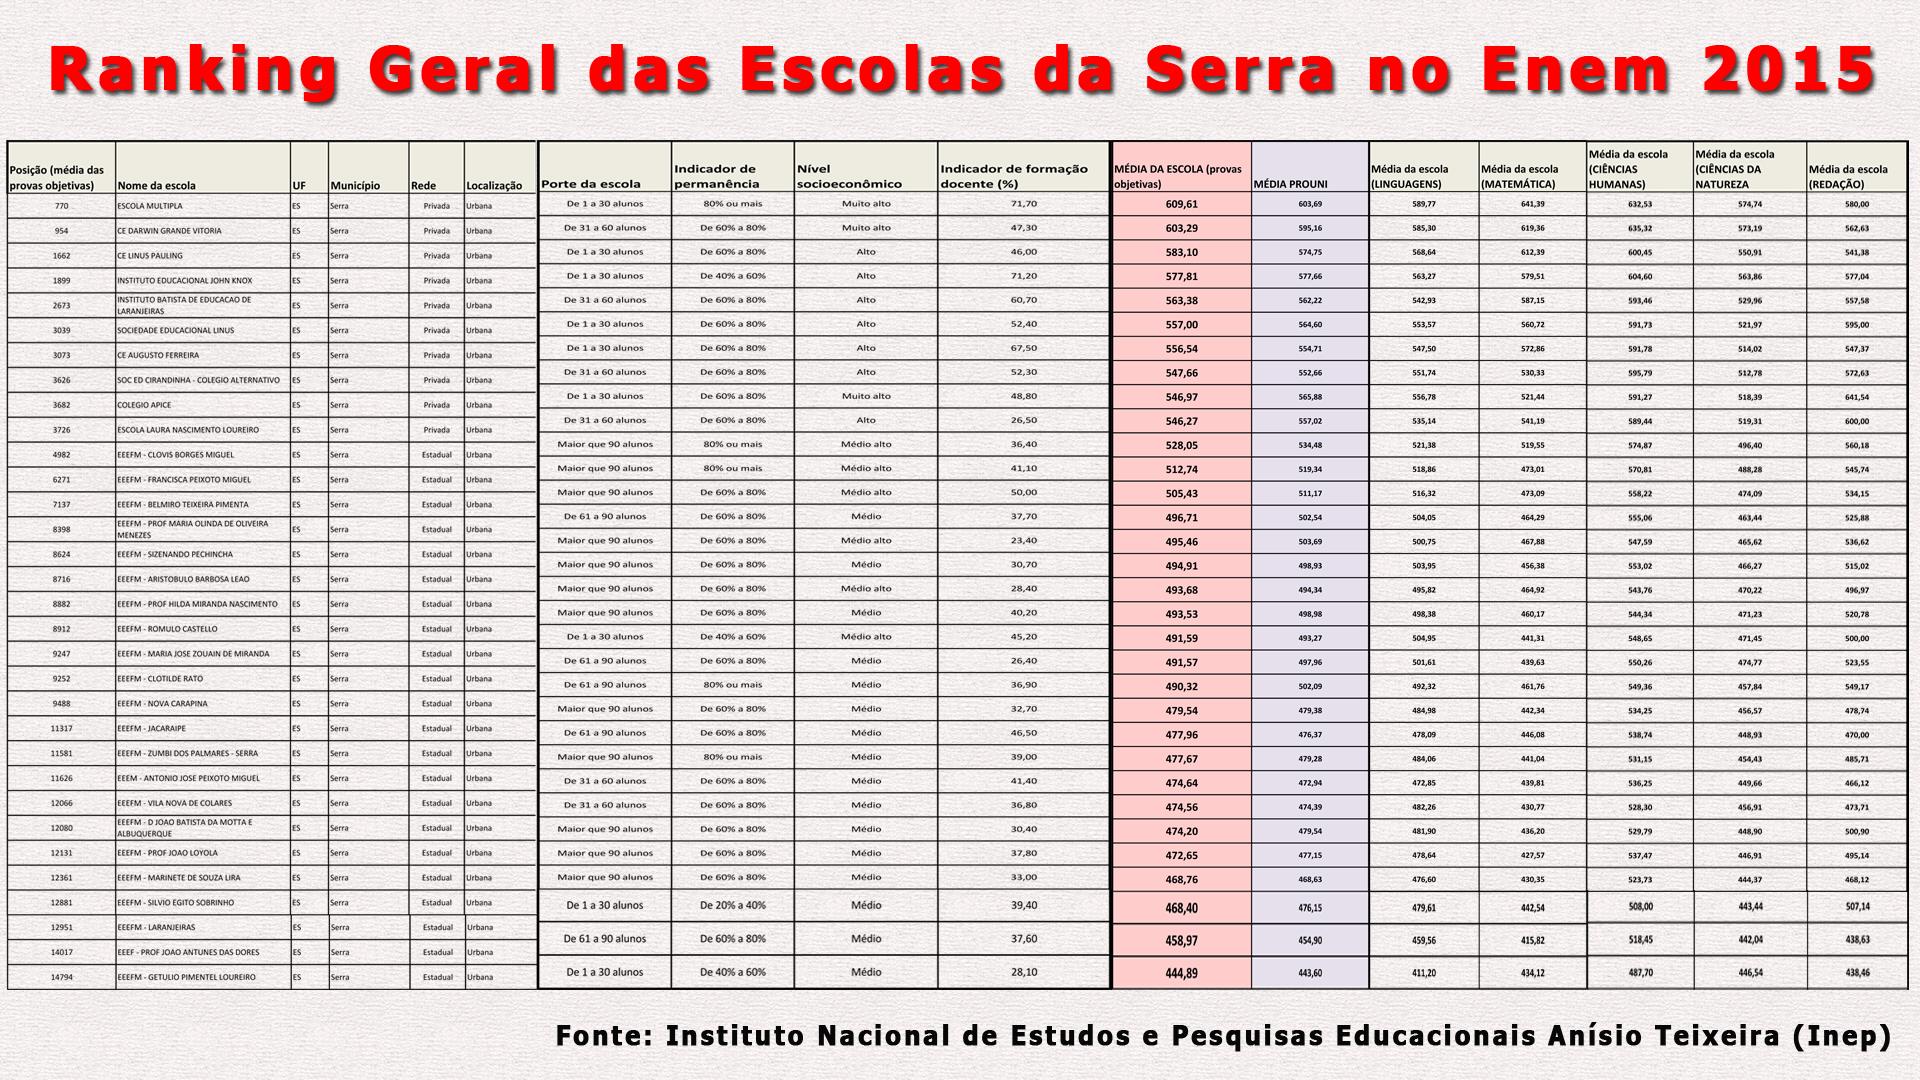 Ranking Geral das Escolas da Serra no Enem 2015